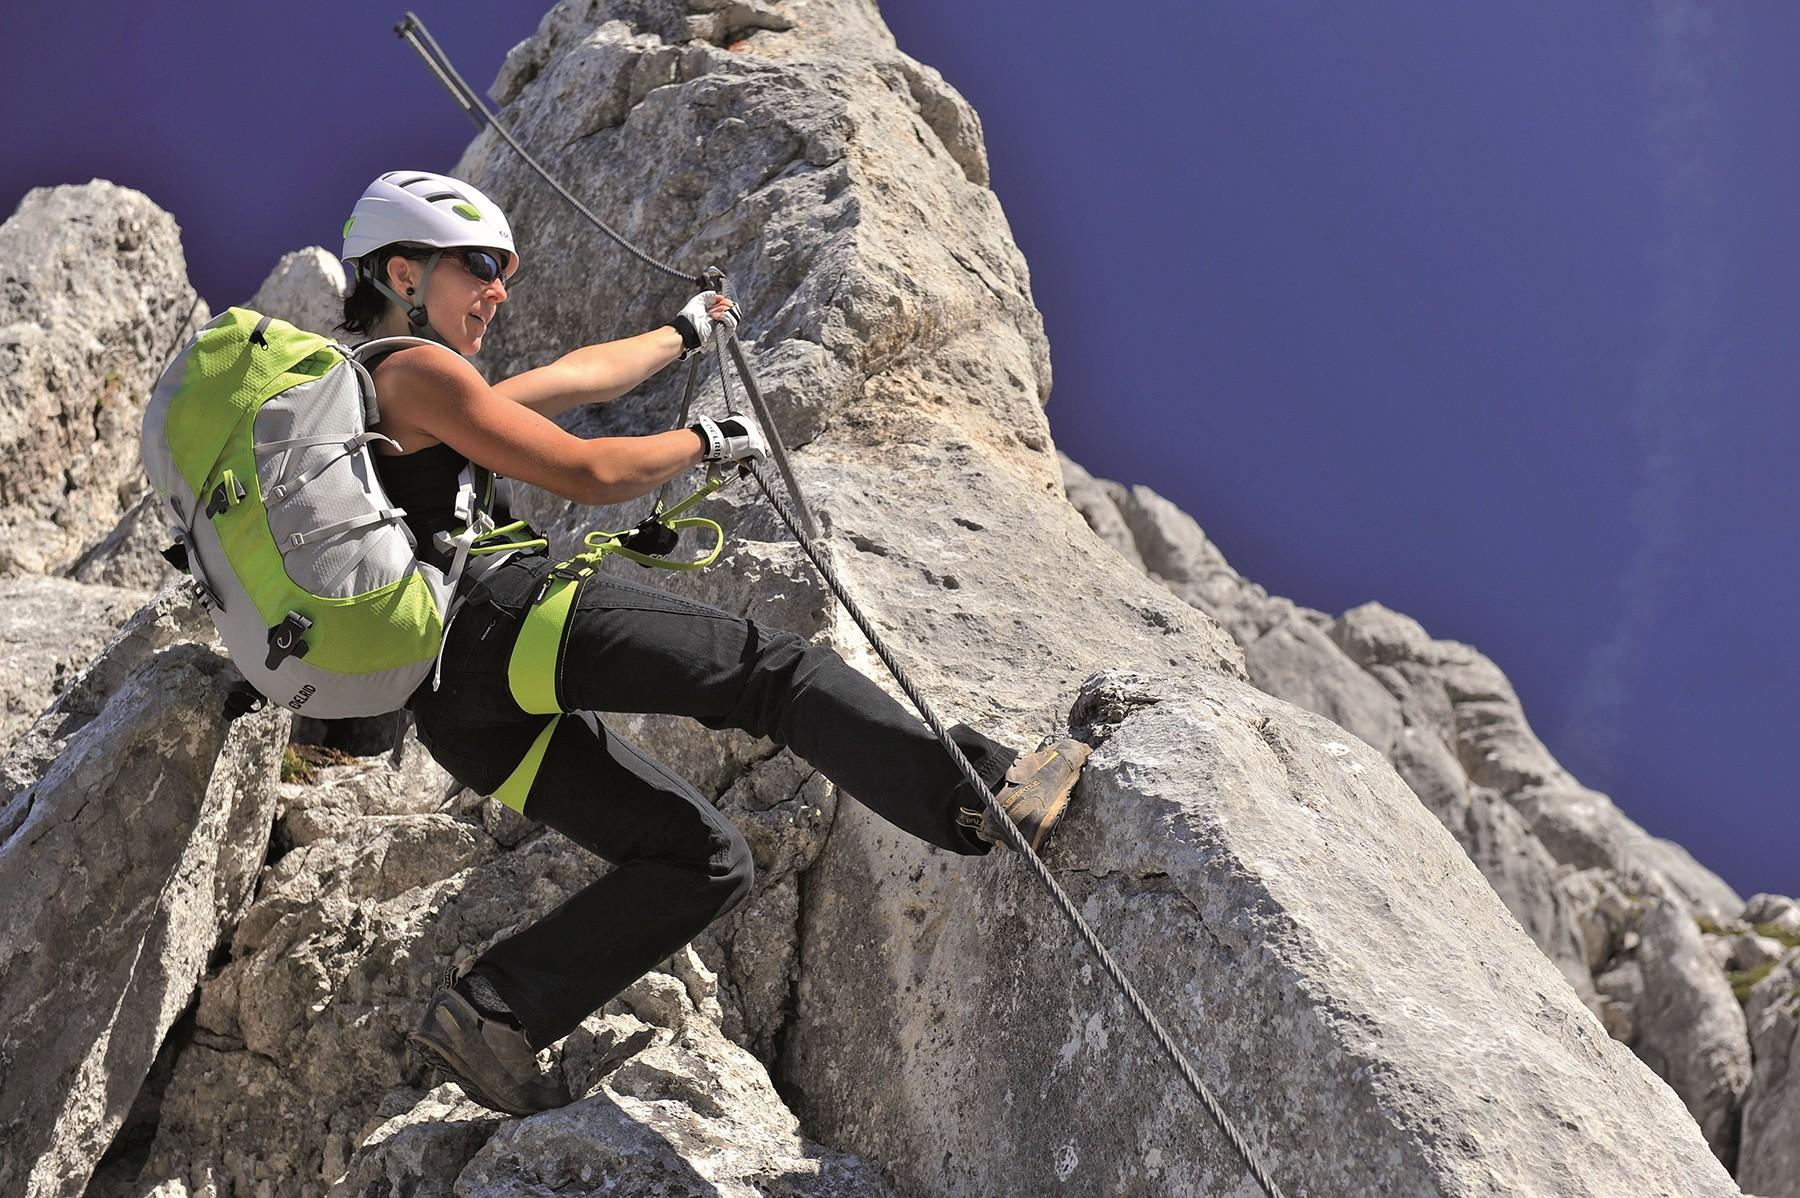 Klettergurt Aus Seil : 150 jahre edelrid sicherheit durch kompetenz my sportler